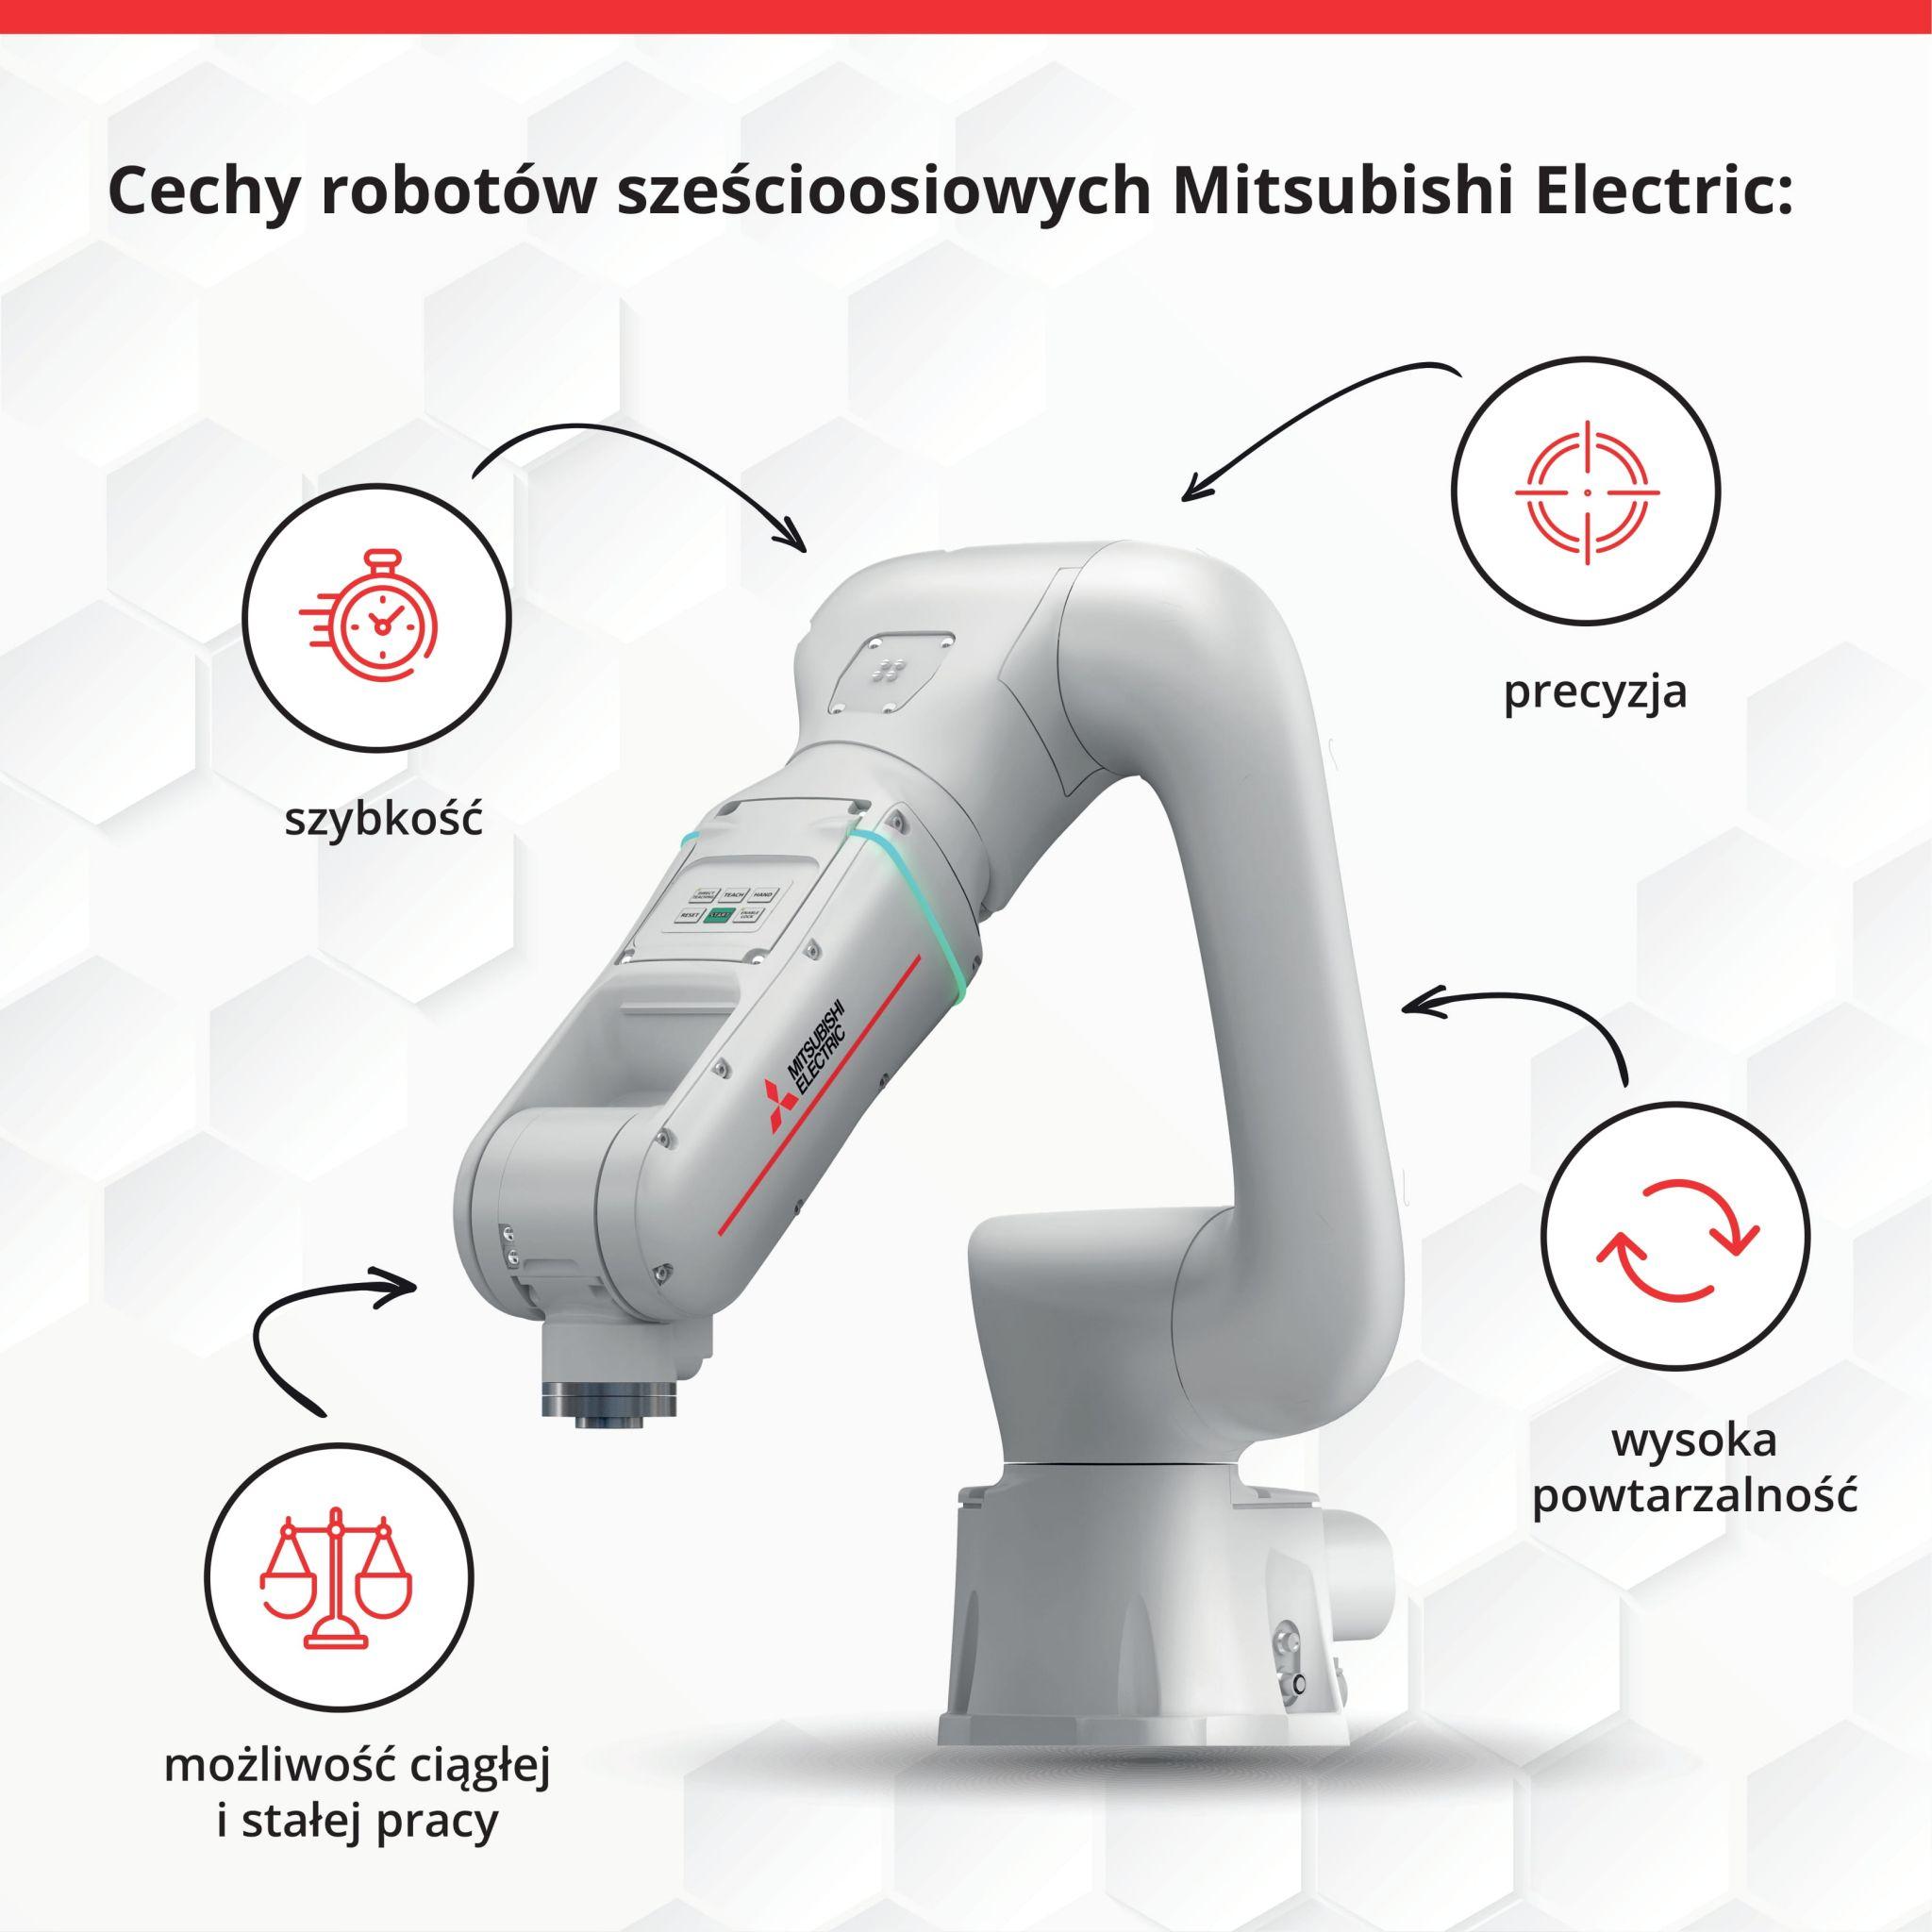 cechy robotow infografika